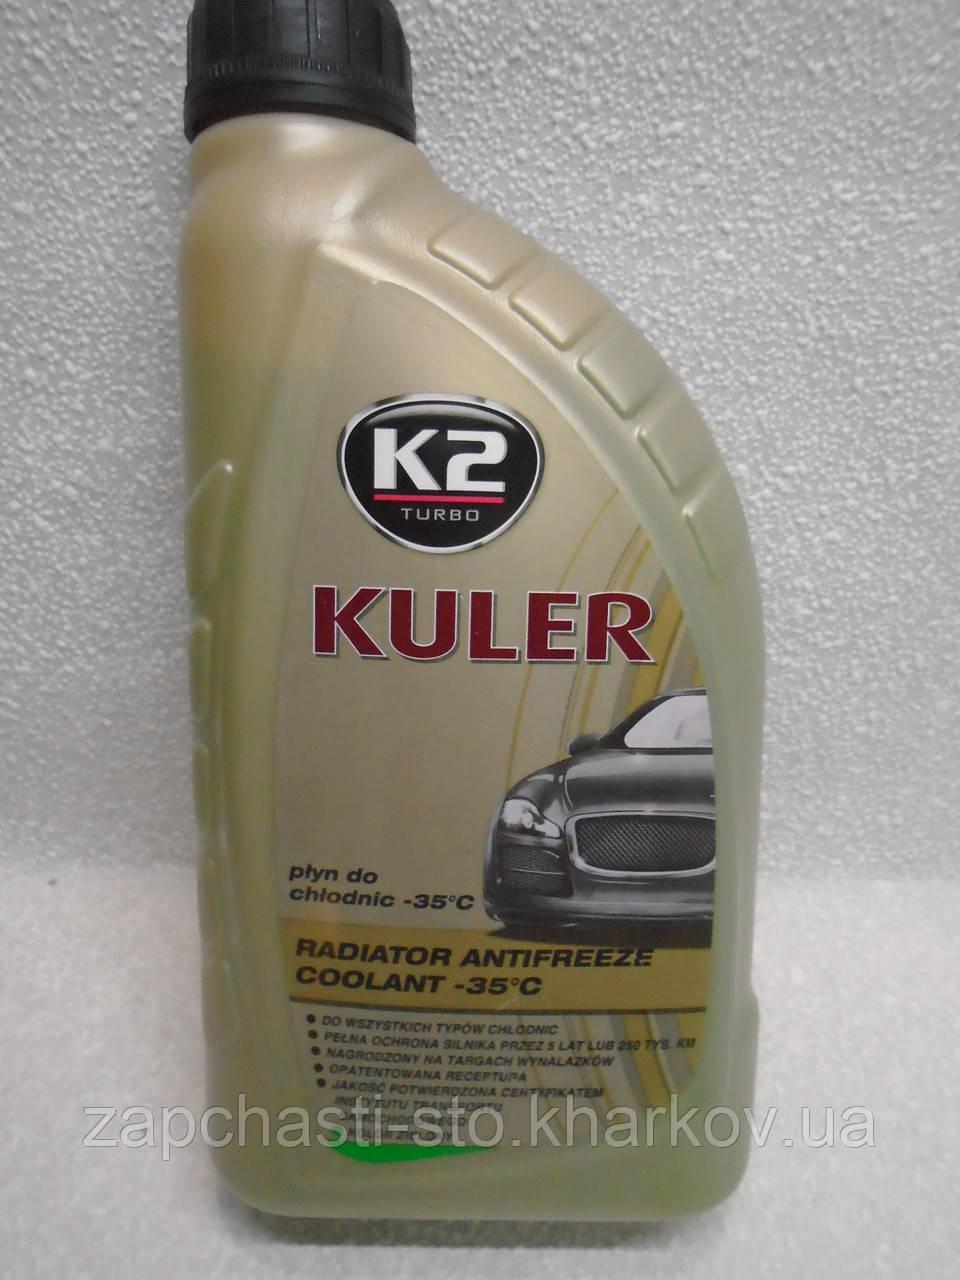 Антифриз зелений K2 Kuler 1л -35